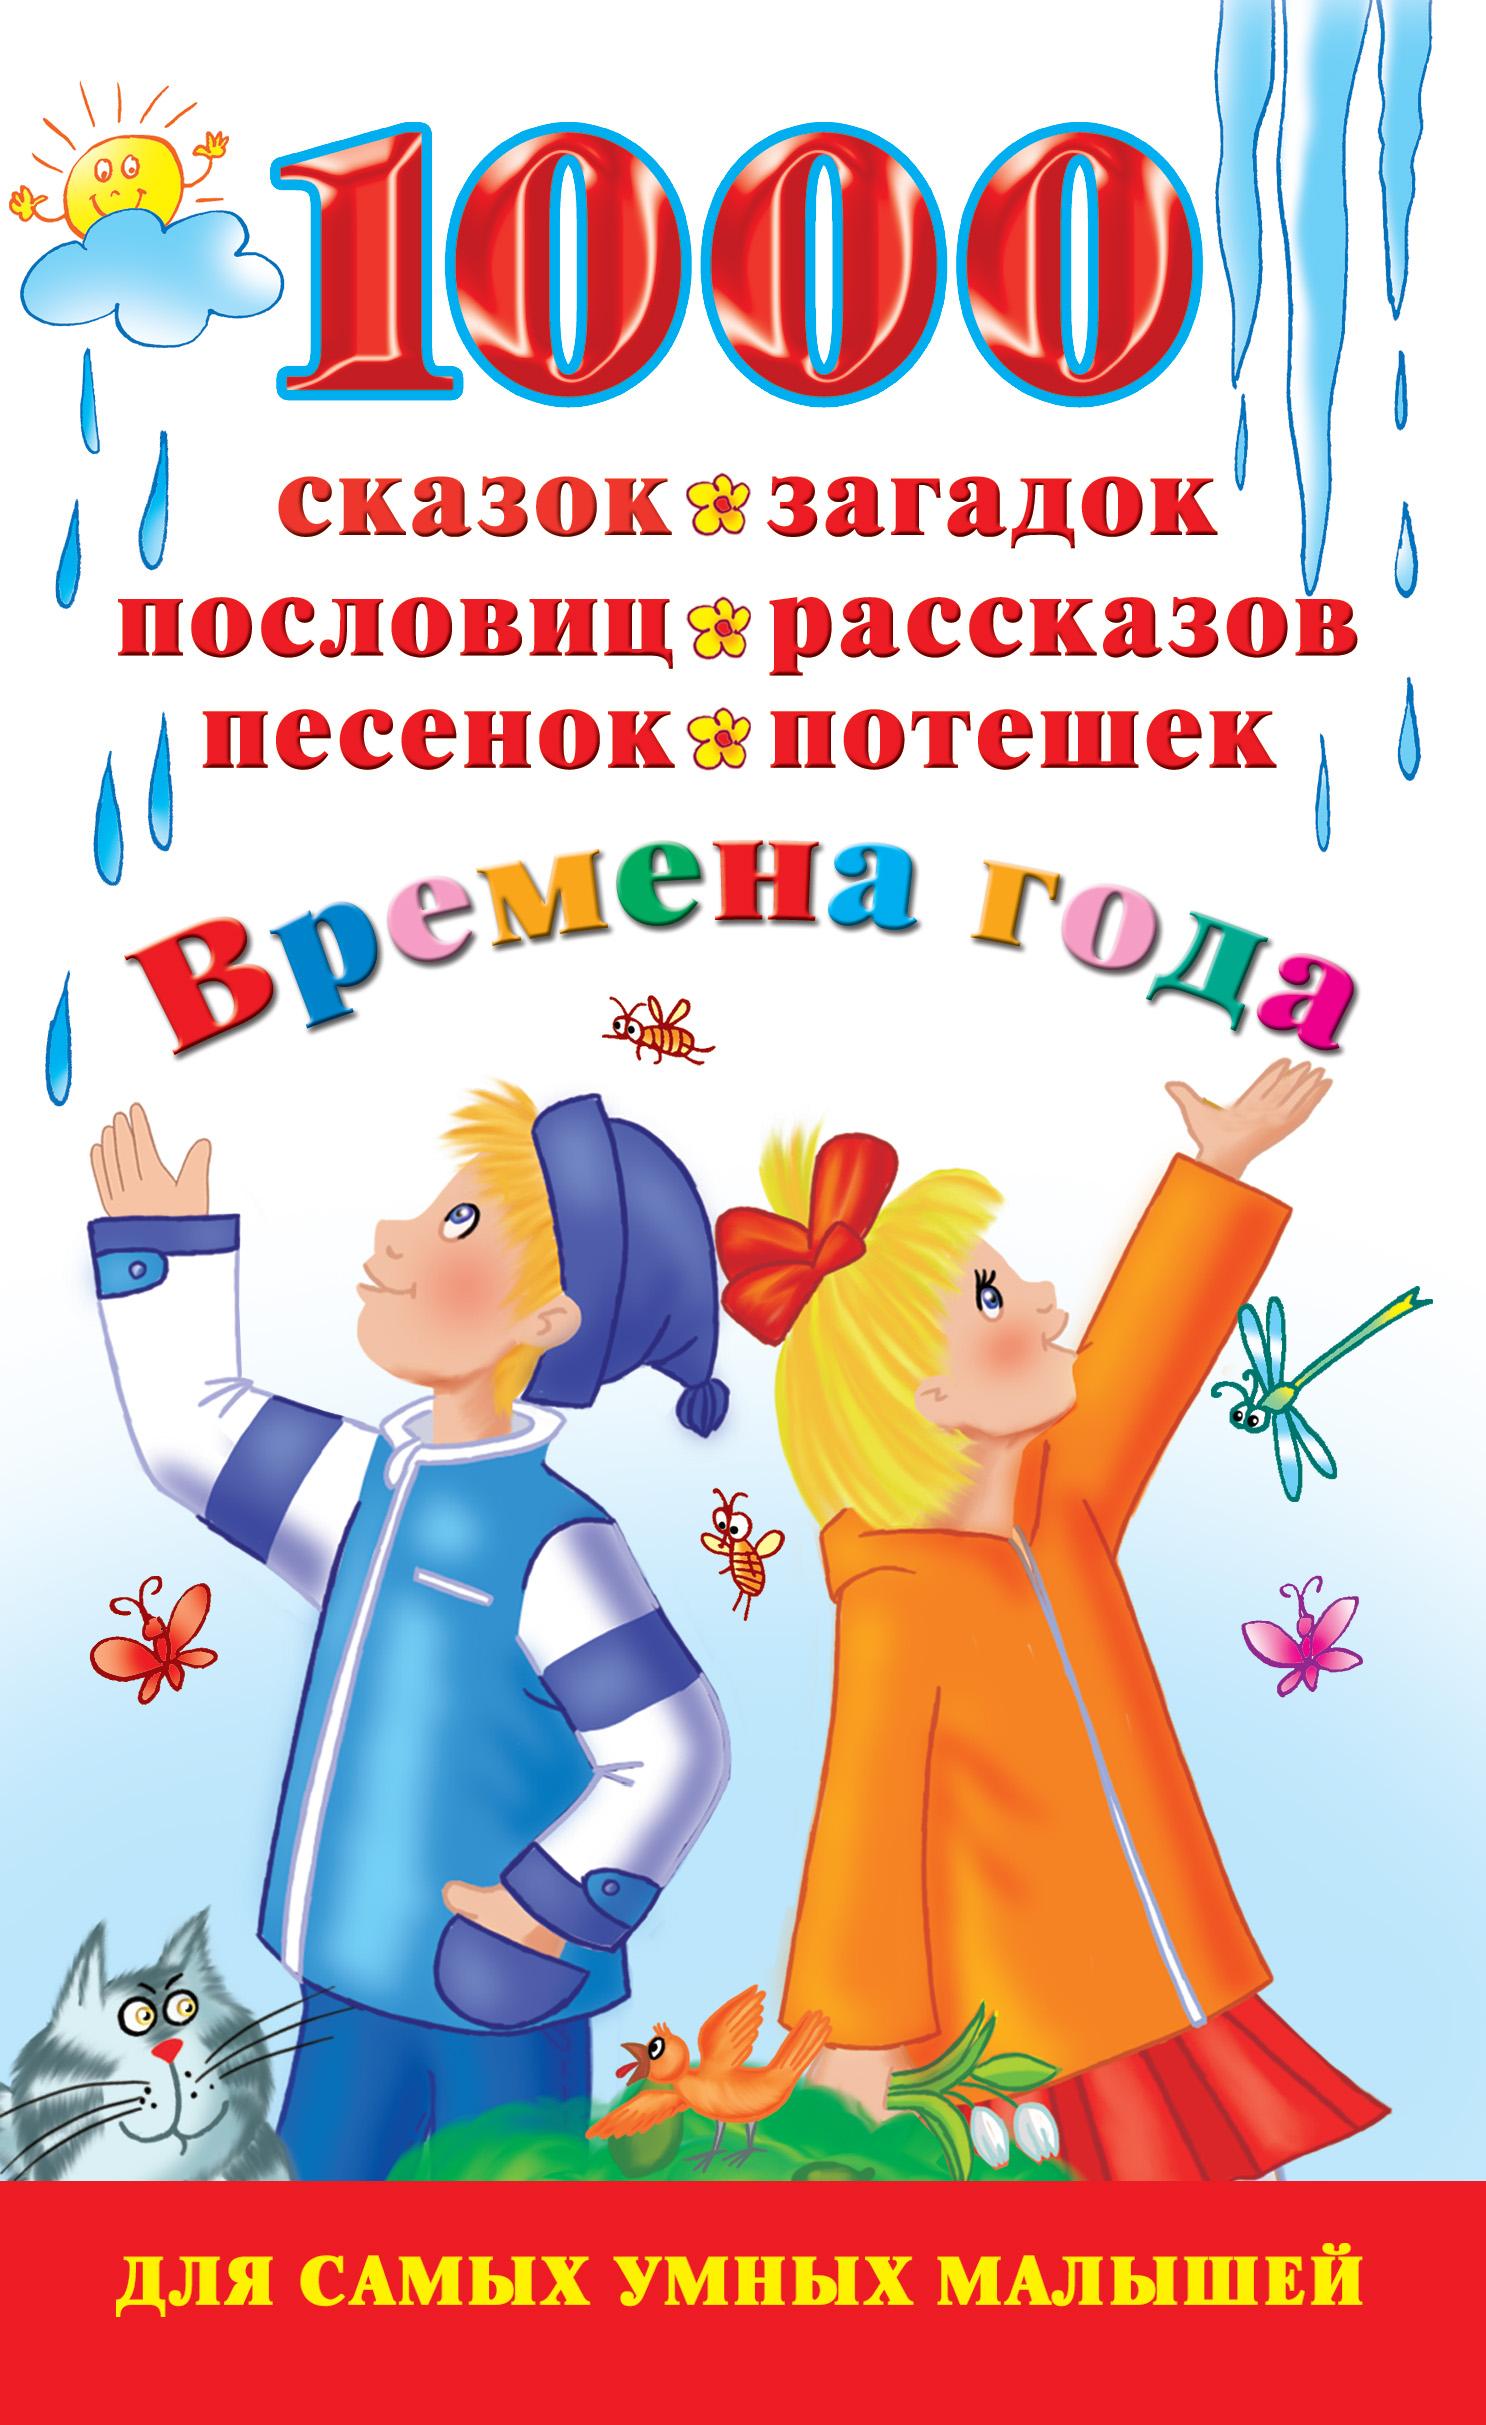 Фото - В. Г. Дмитриева 1000 сказок, загадок, пословиц, рассказов, песенок, потешек. Времена года дмитриева в г книга сказок для мальчиков